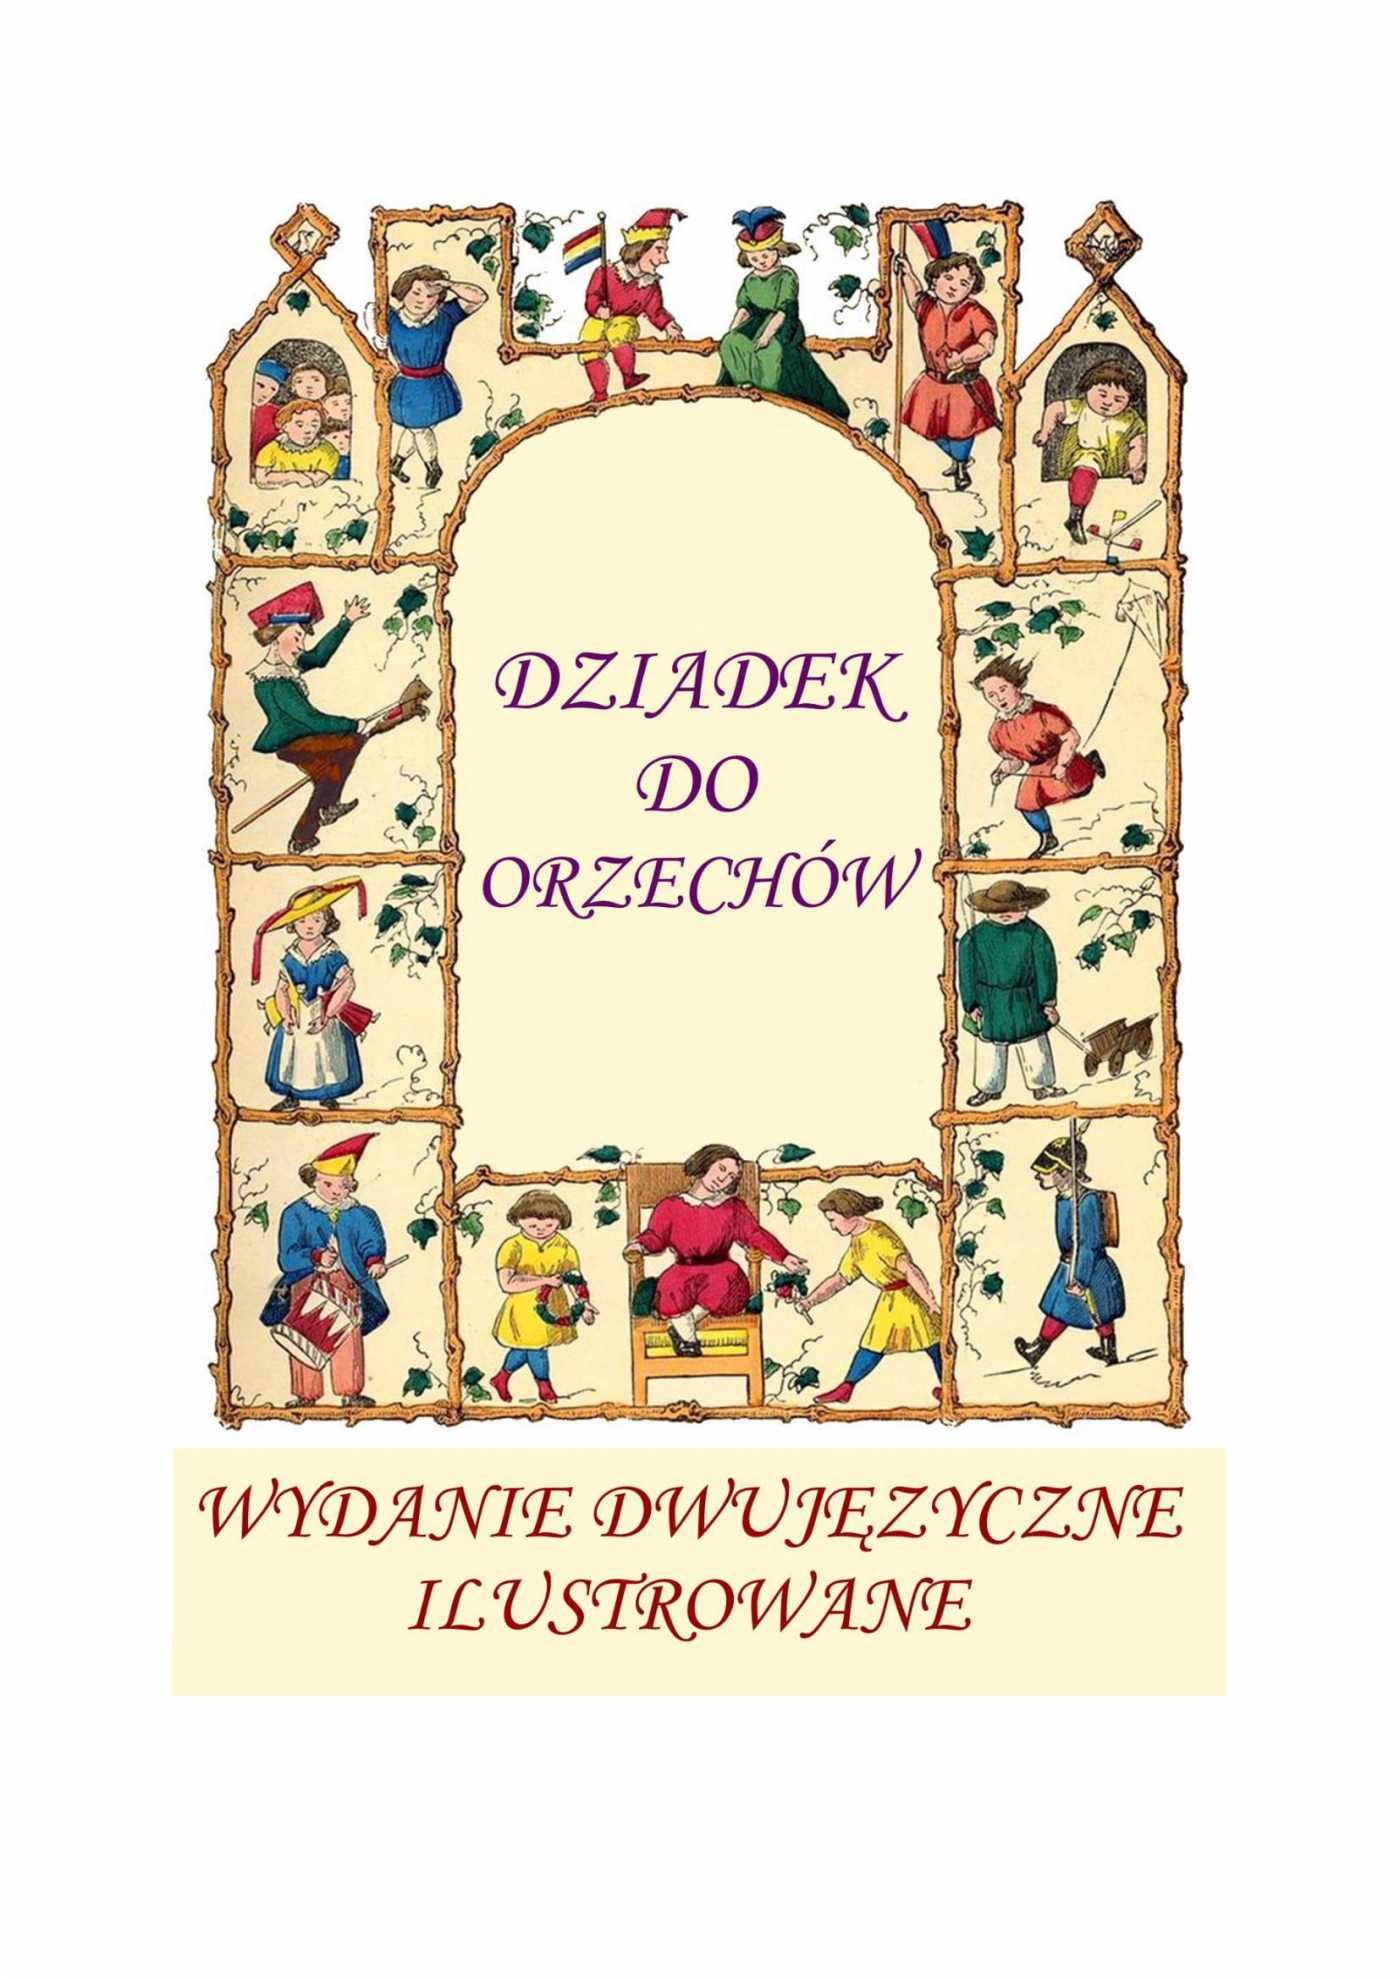 Angielski dla dzieci. Dziadek do orzechów. Wydane dwujęzyczne, ilustrowane - Ebook (Książka PDF) do pobrania w formacie PDF